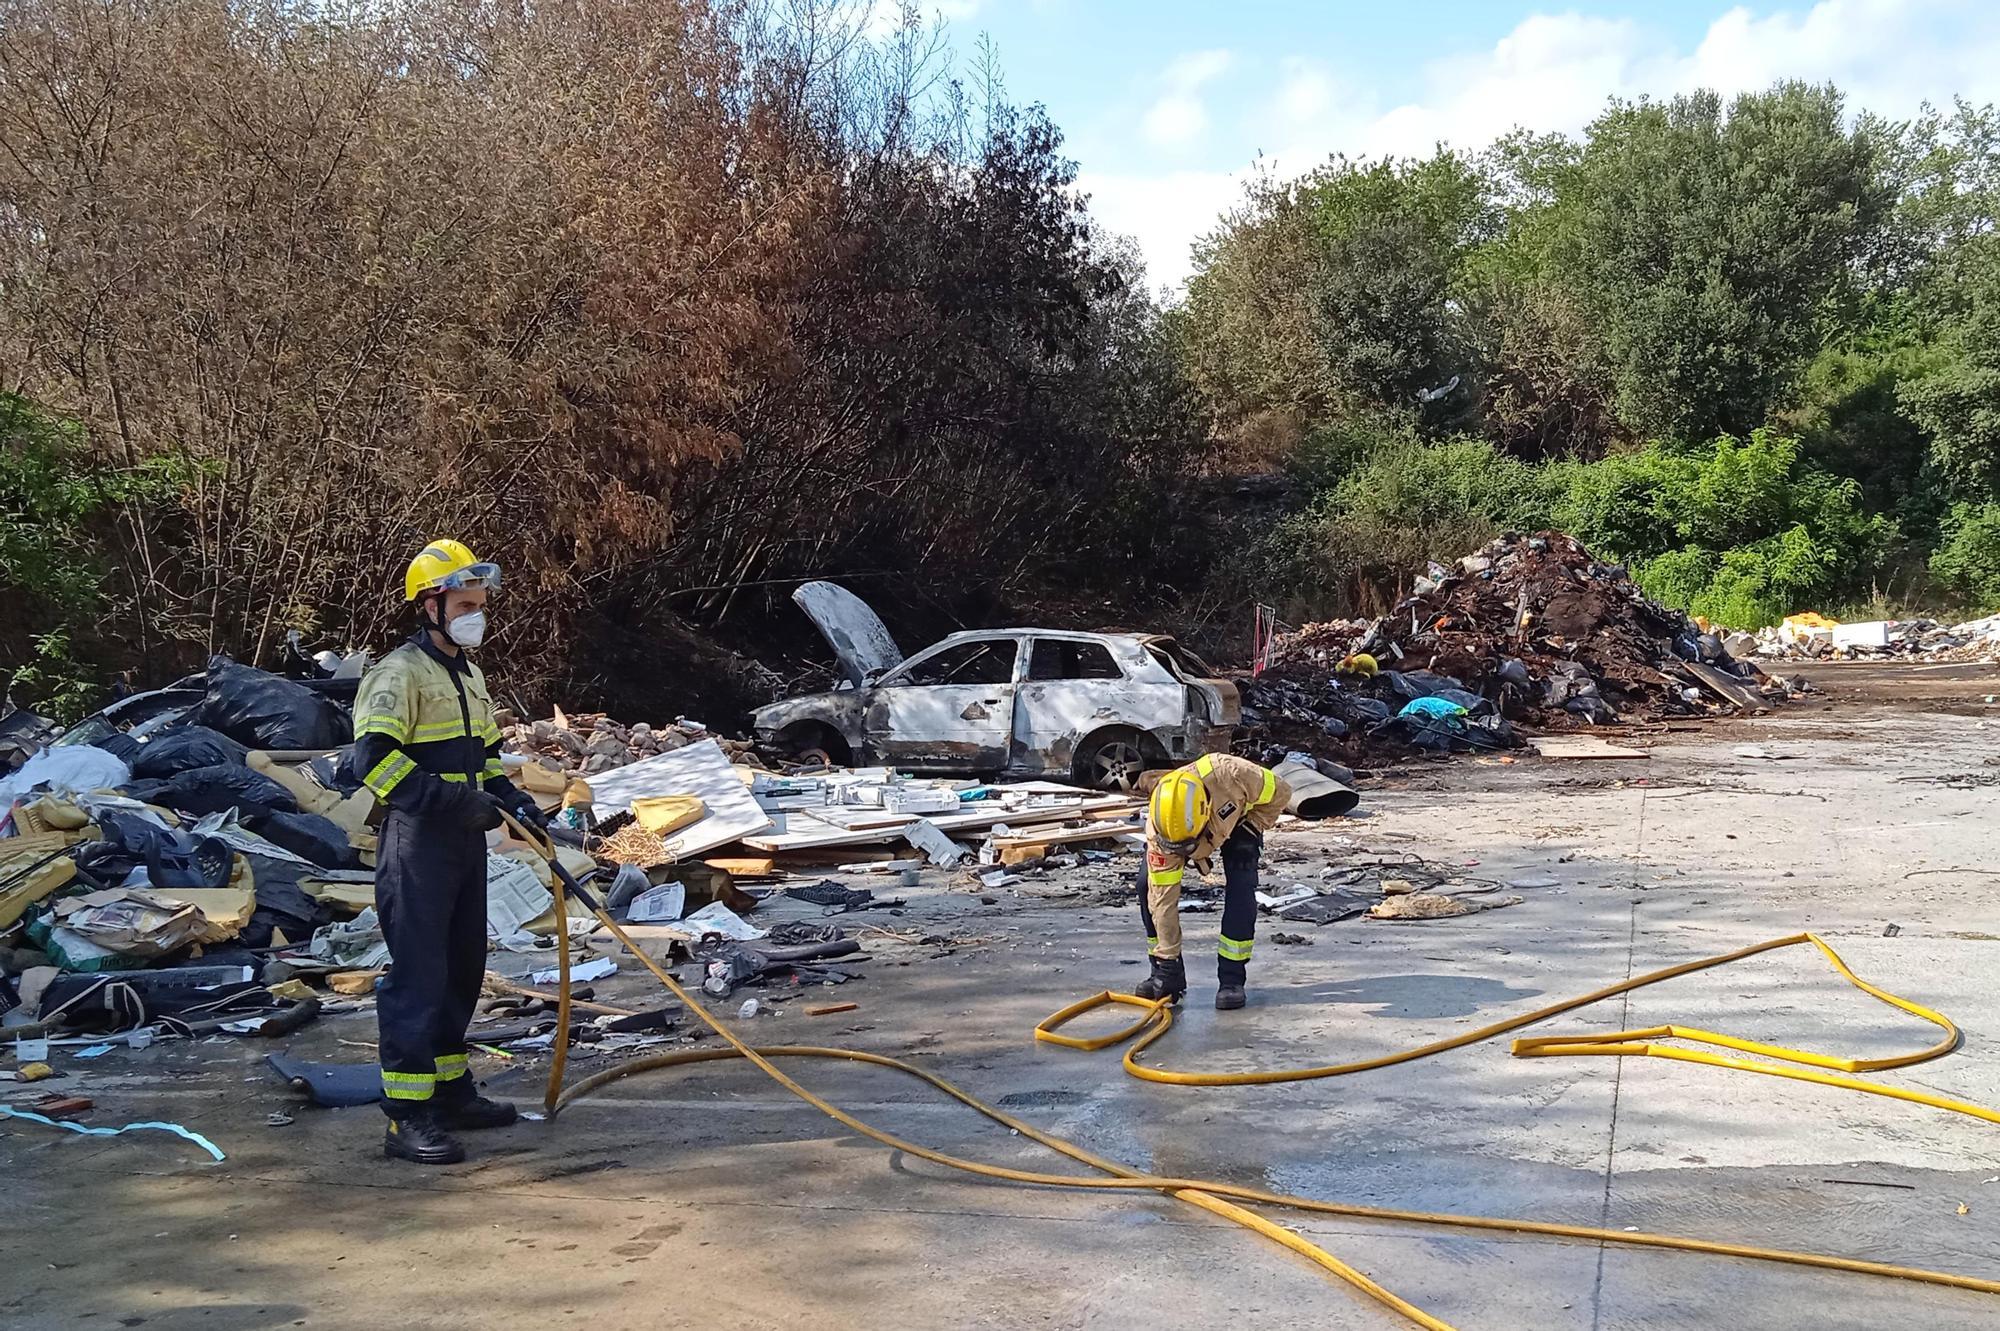 Crema un cotxe i piles de deixalles al barri de la Font de la Pólvora